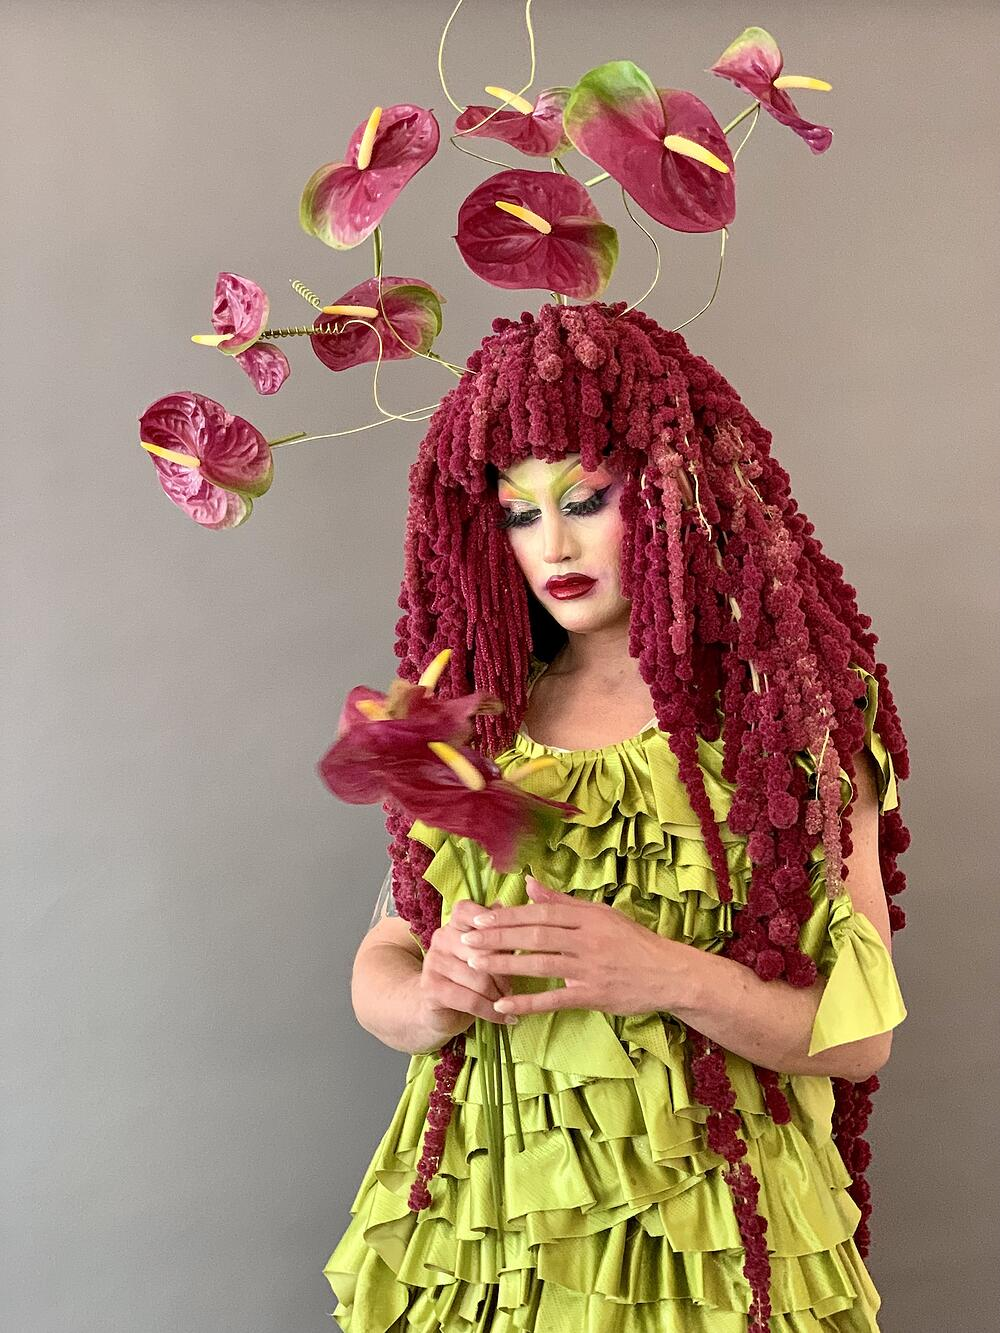 Mister Lee Designs Floral Wig59